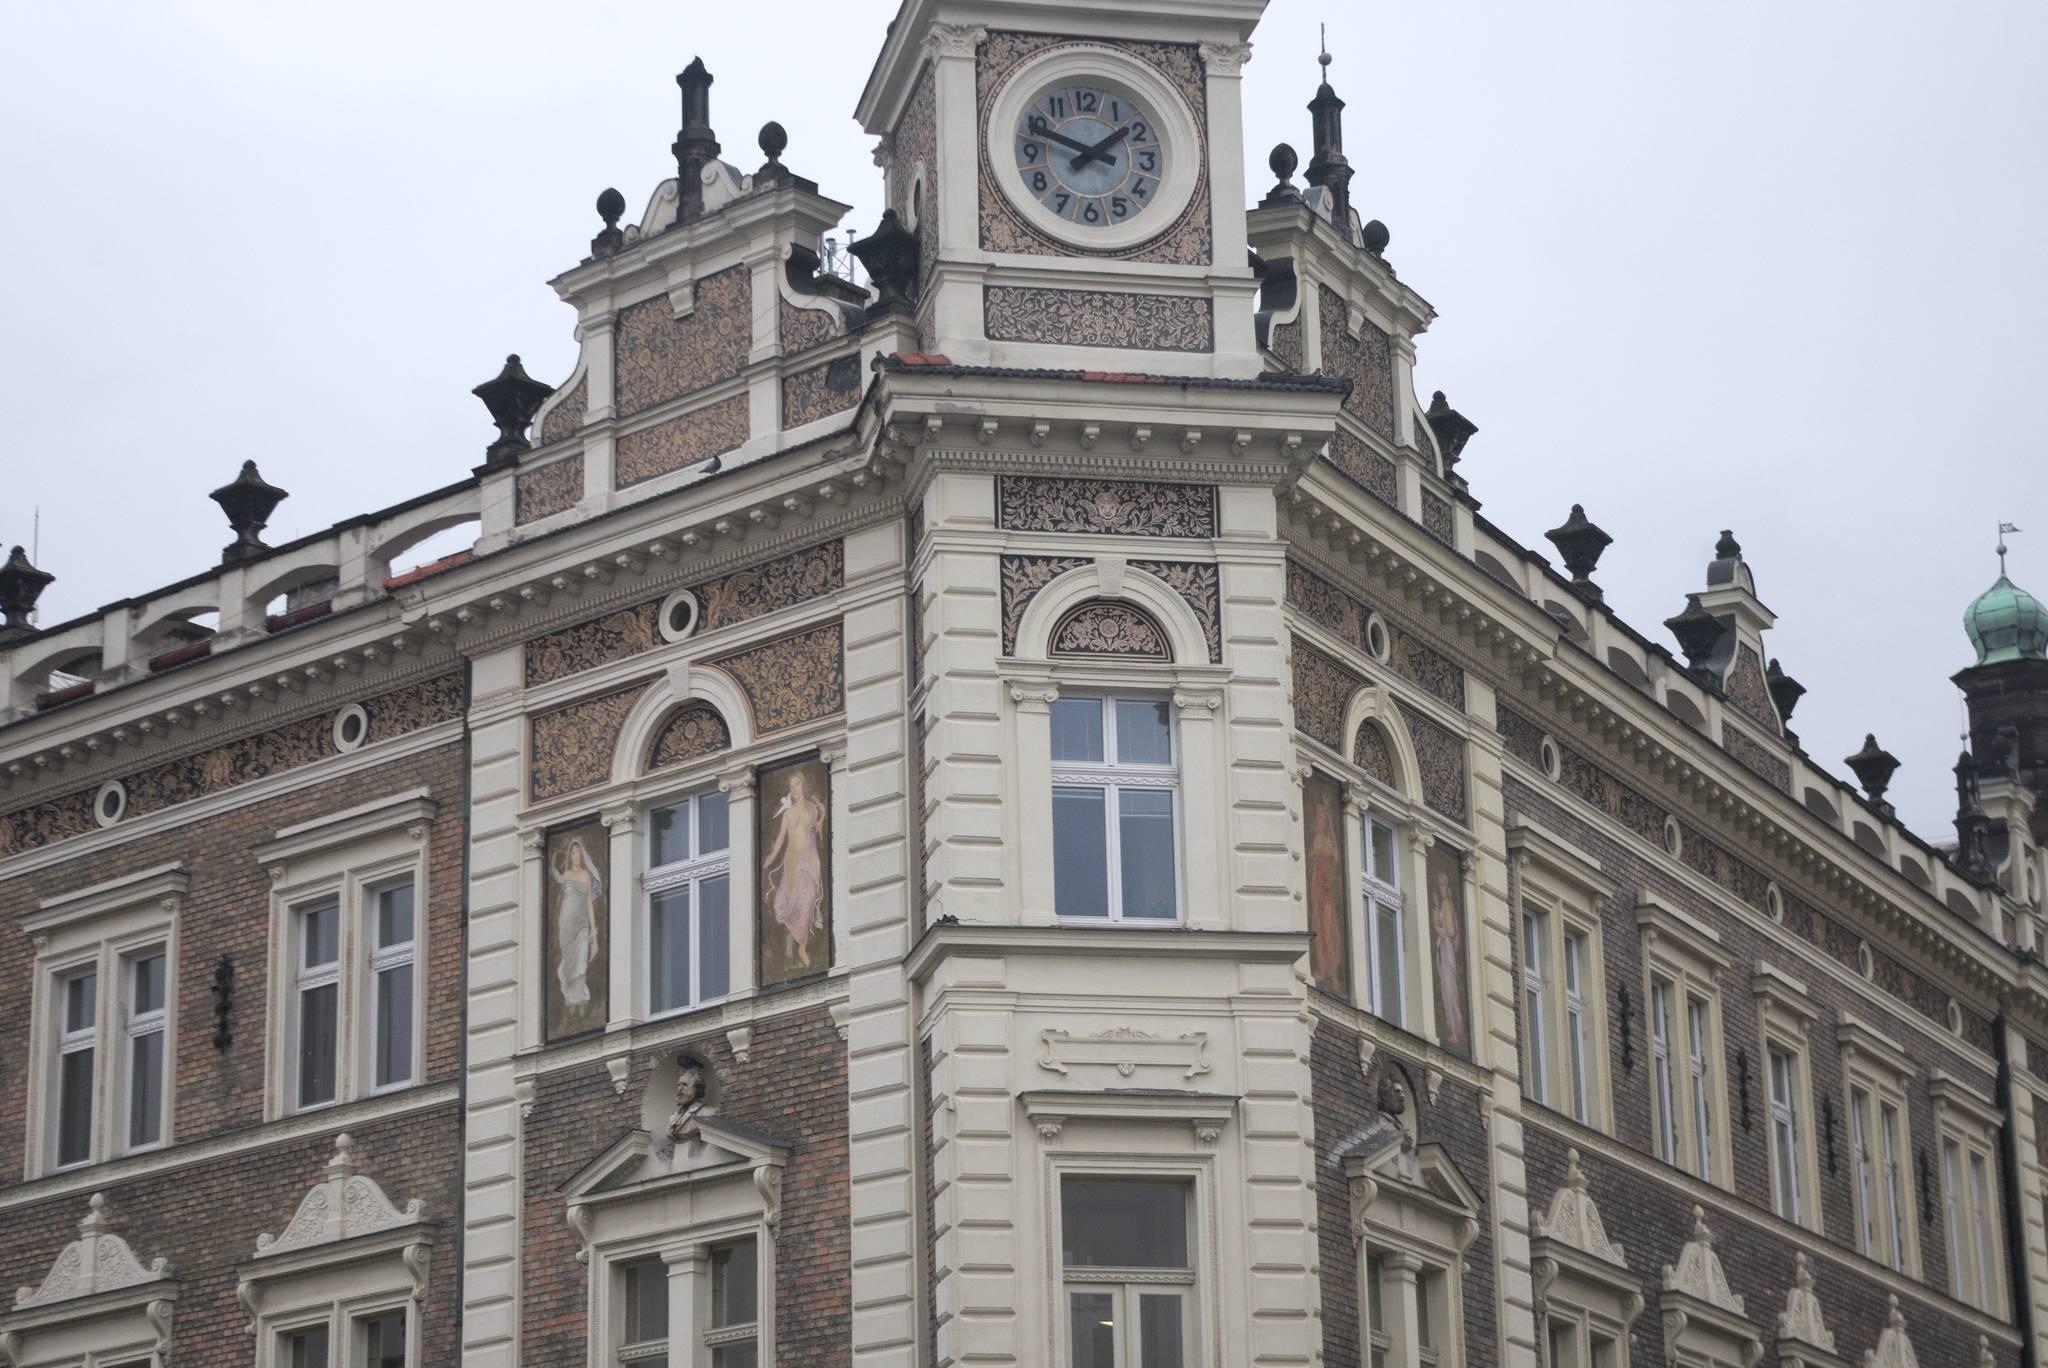 Detale starych budynków robią wrażenie